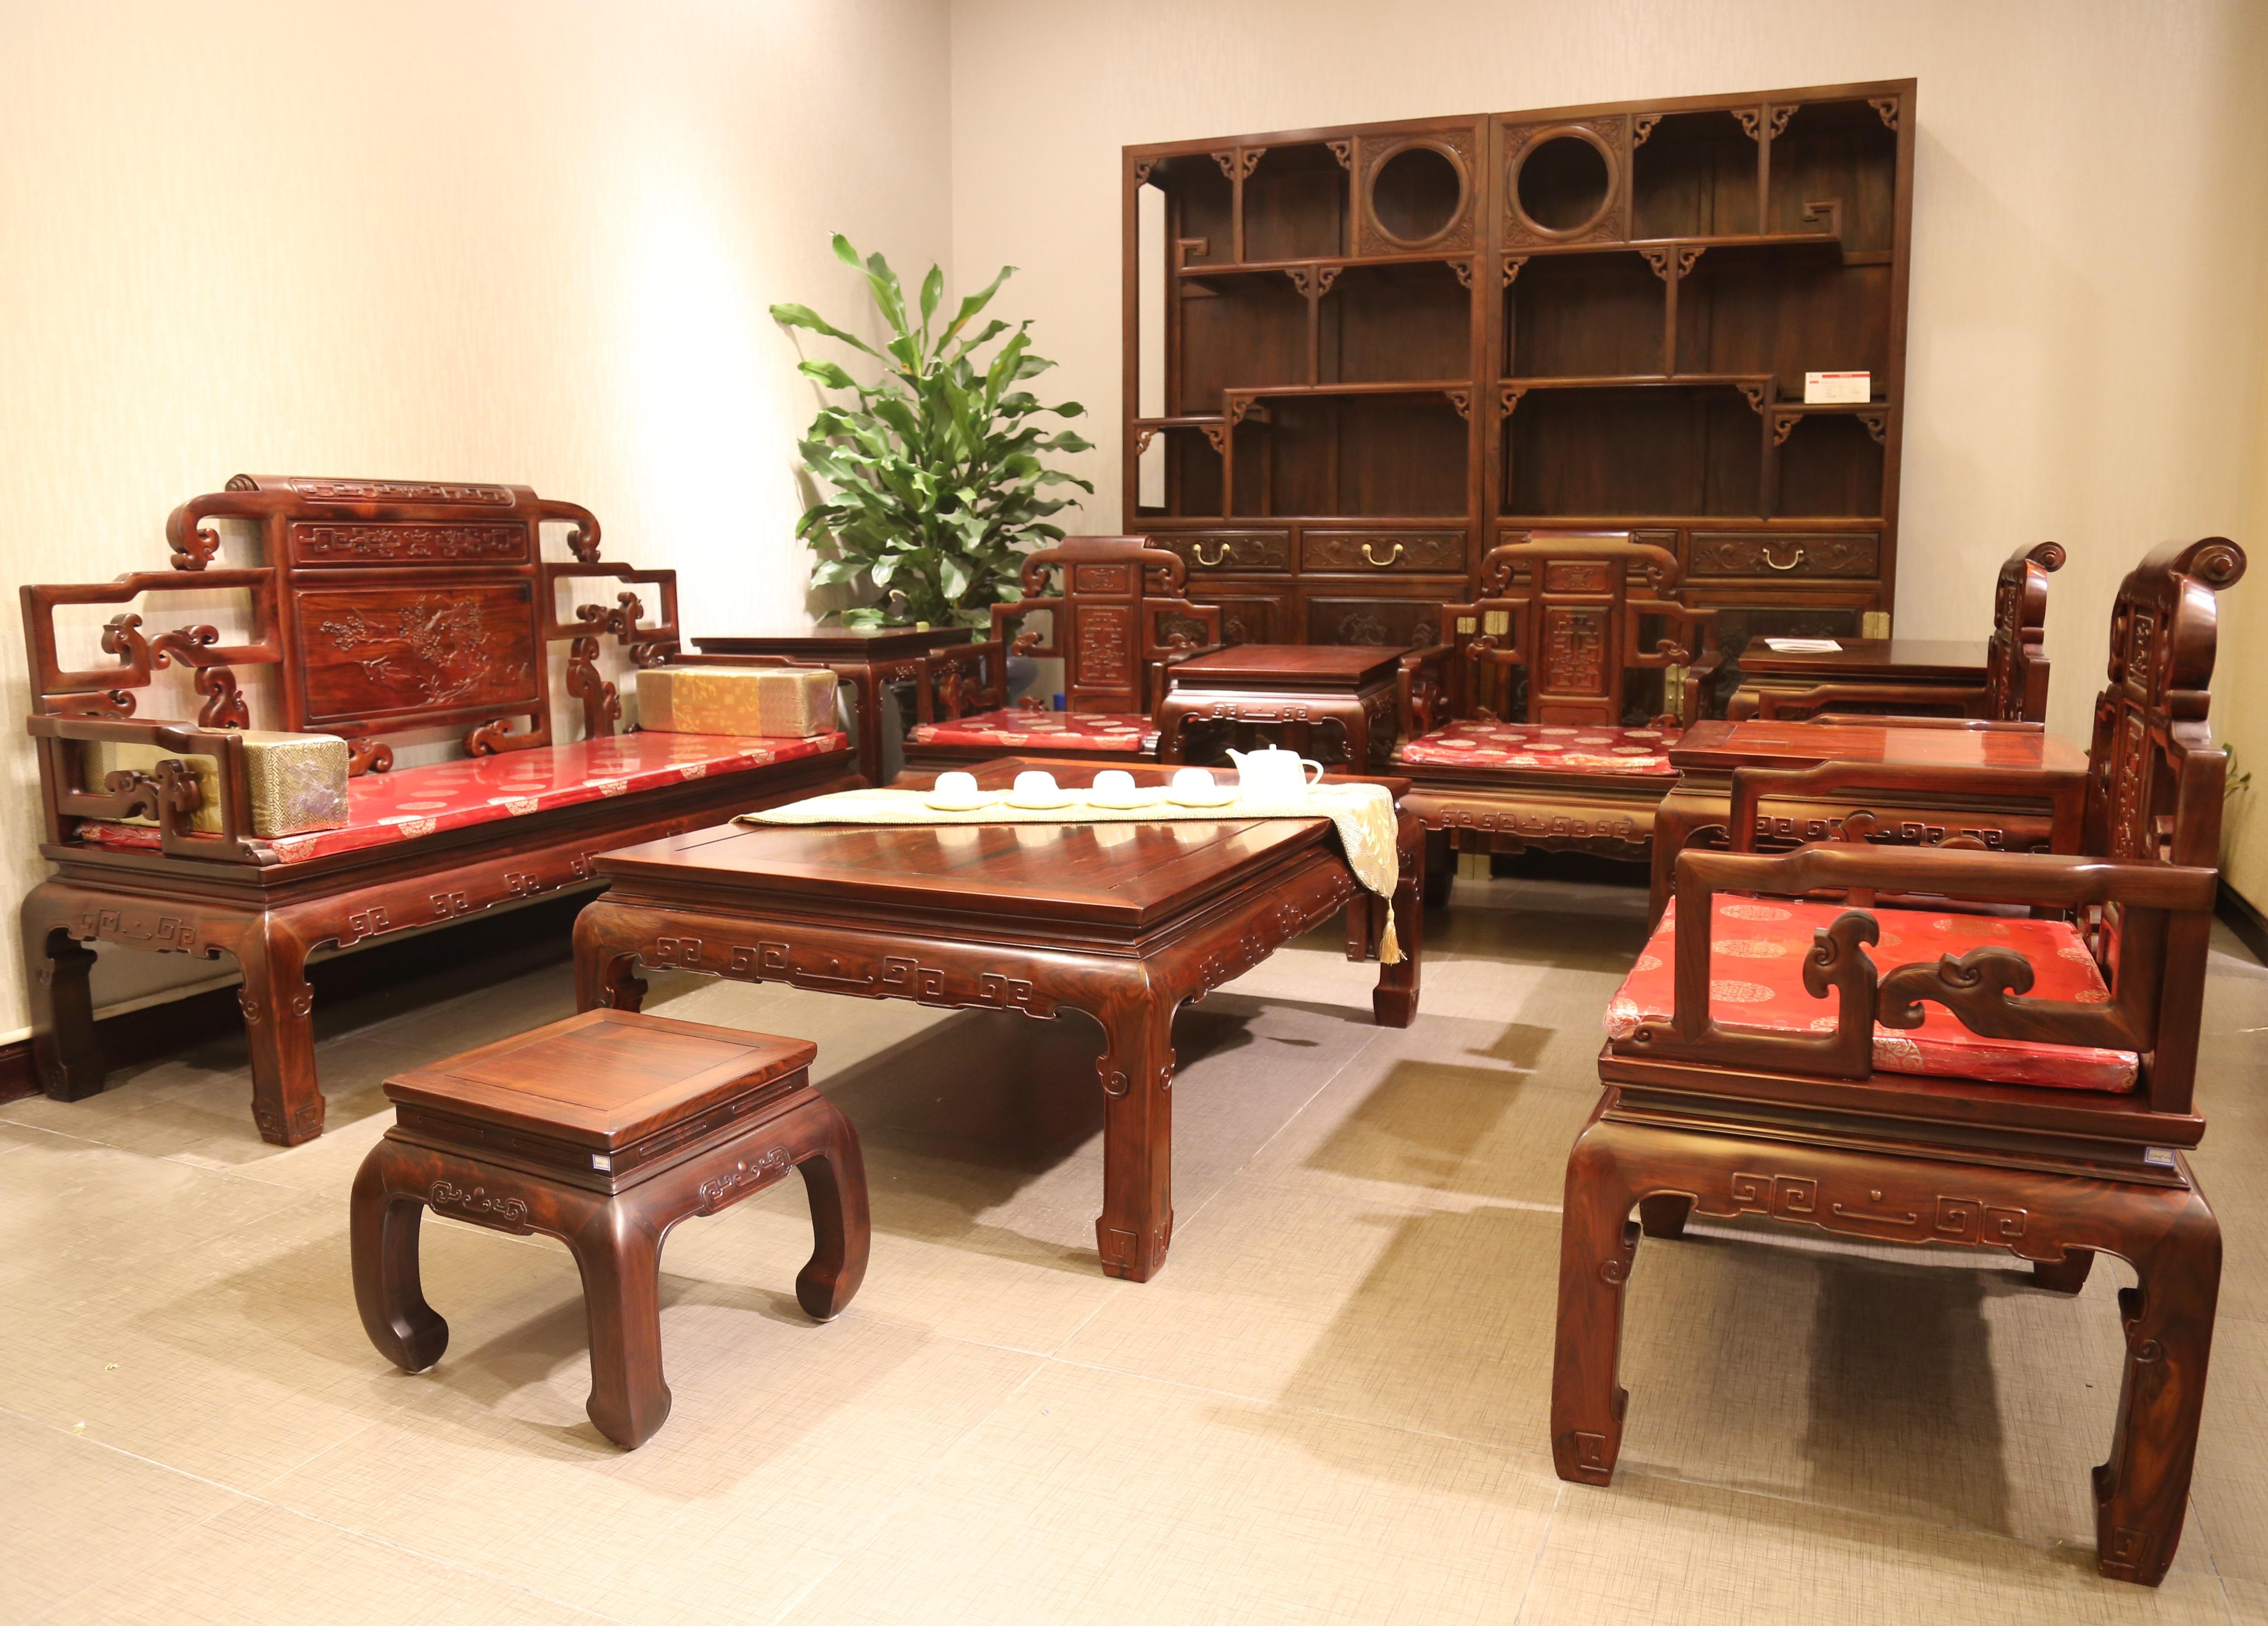 王朋成谈指尖上的红木家具名企-中国网-中国家具-视窗暧逸官网艺术图片